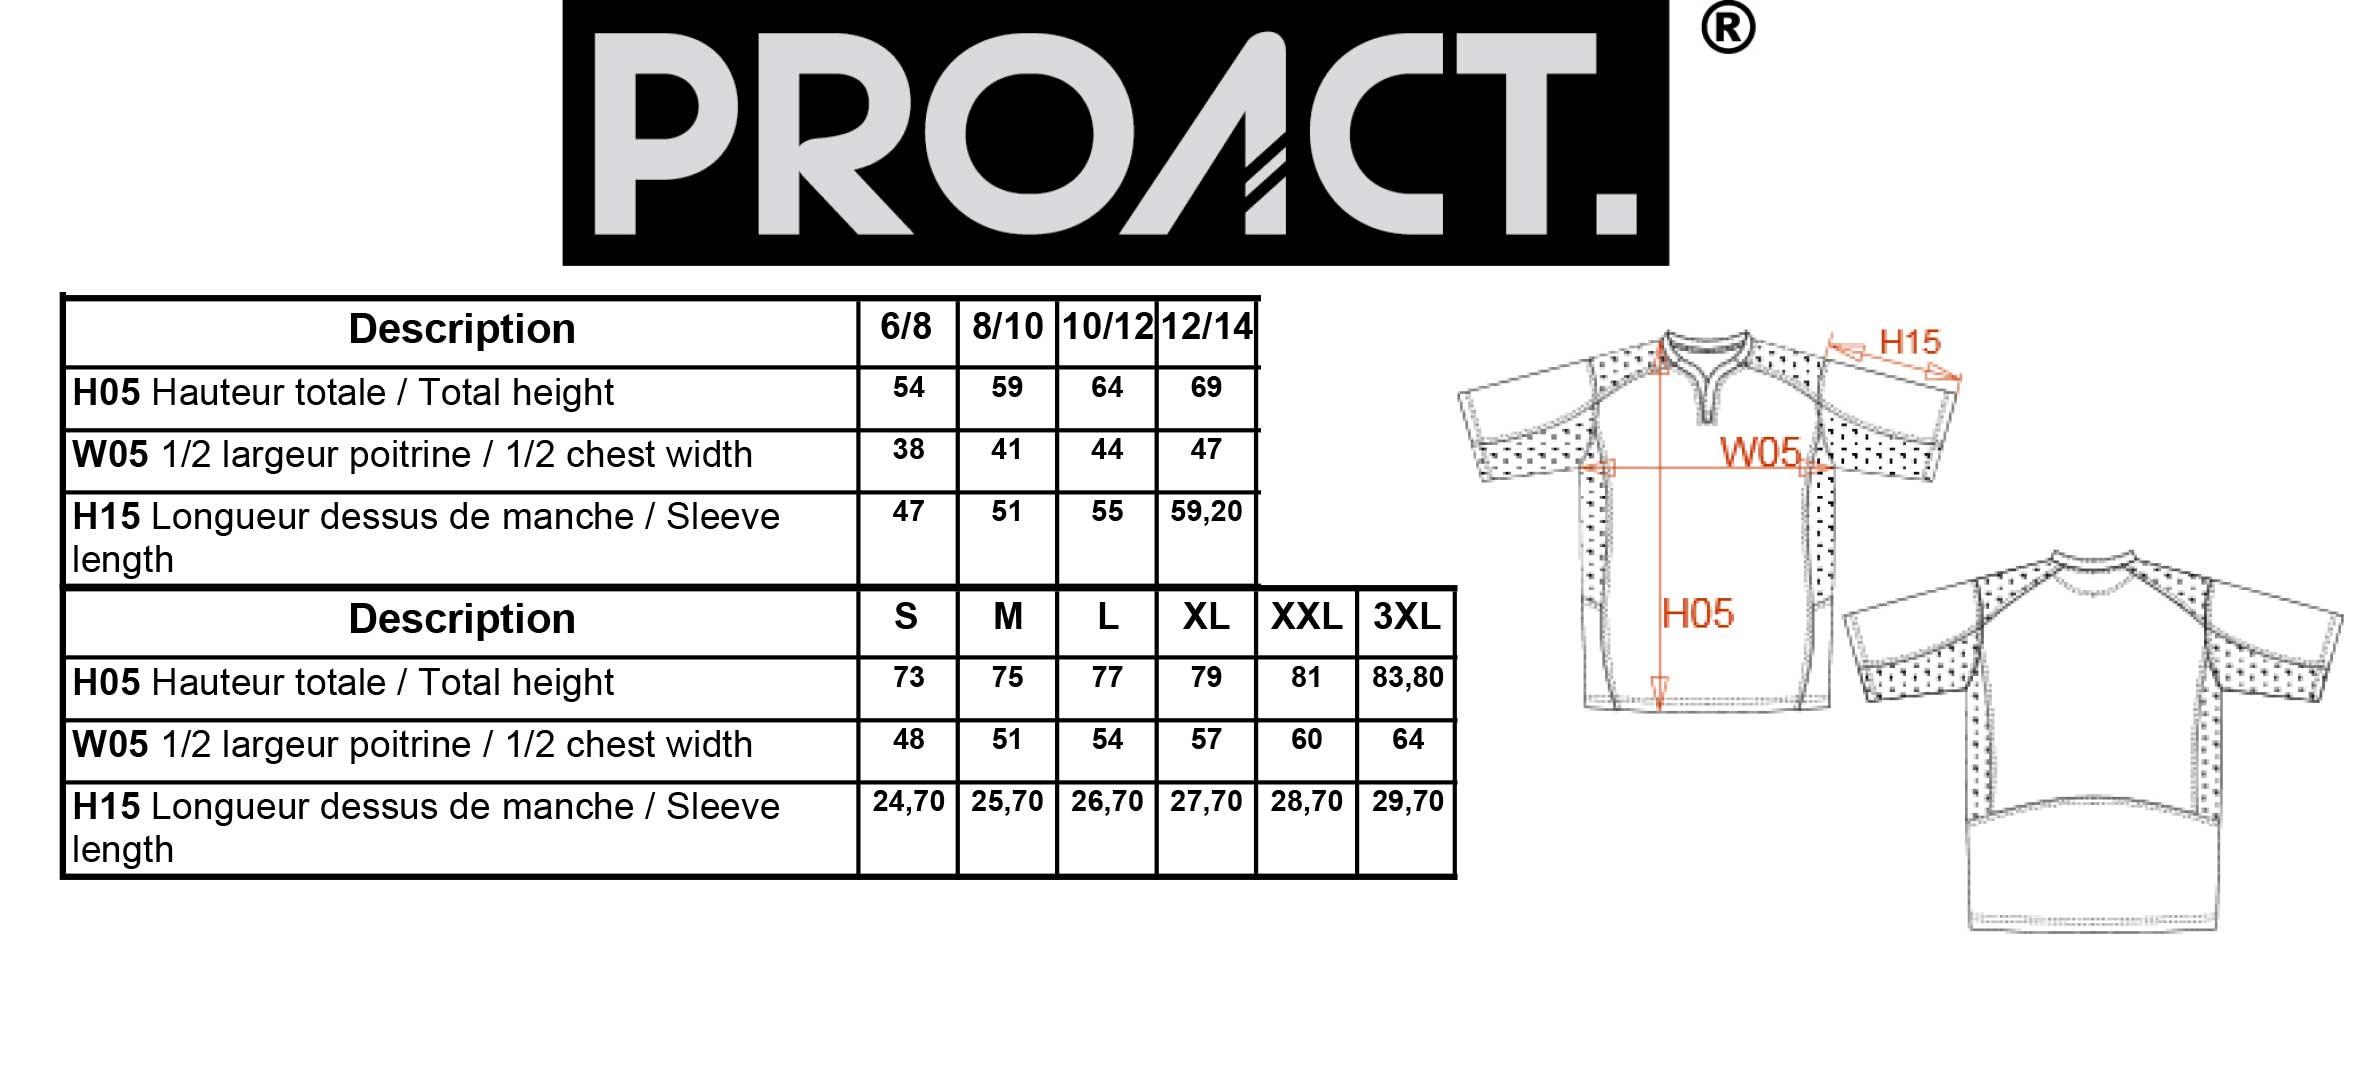 Correspondance de taille pour les maillots Proact